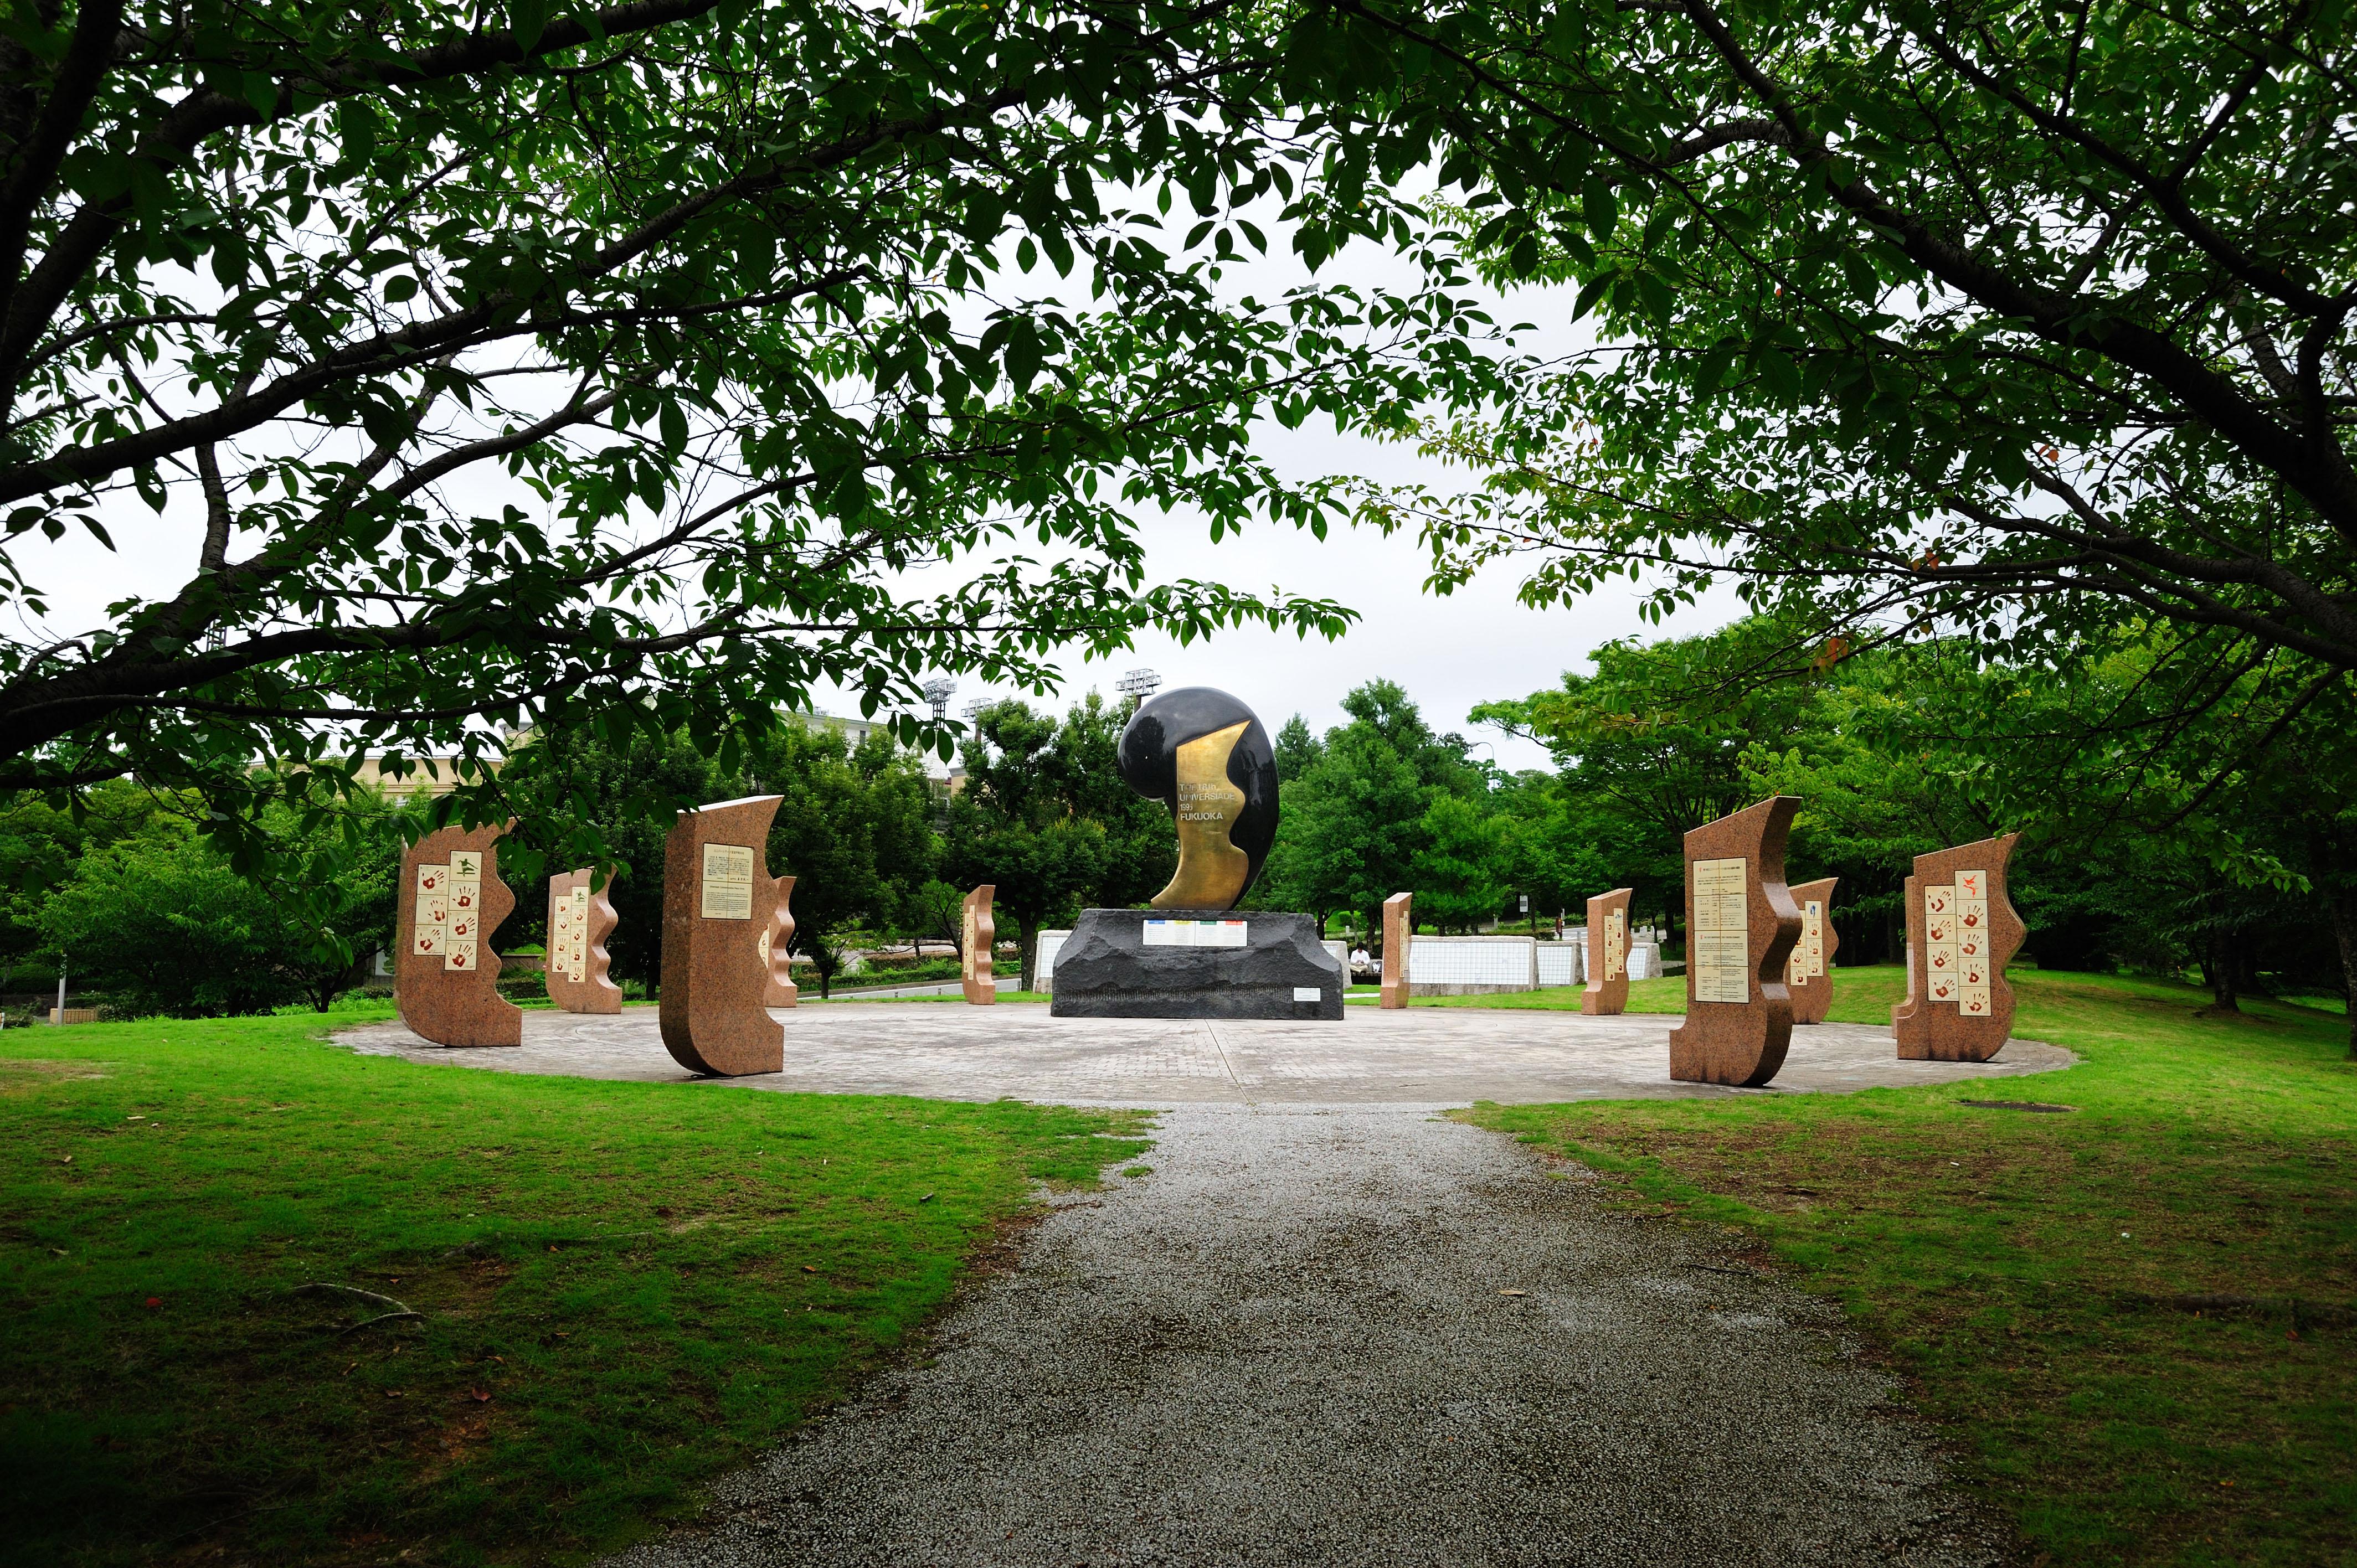 ユニバーシアード福岡大会の記念碑(2009)の画像